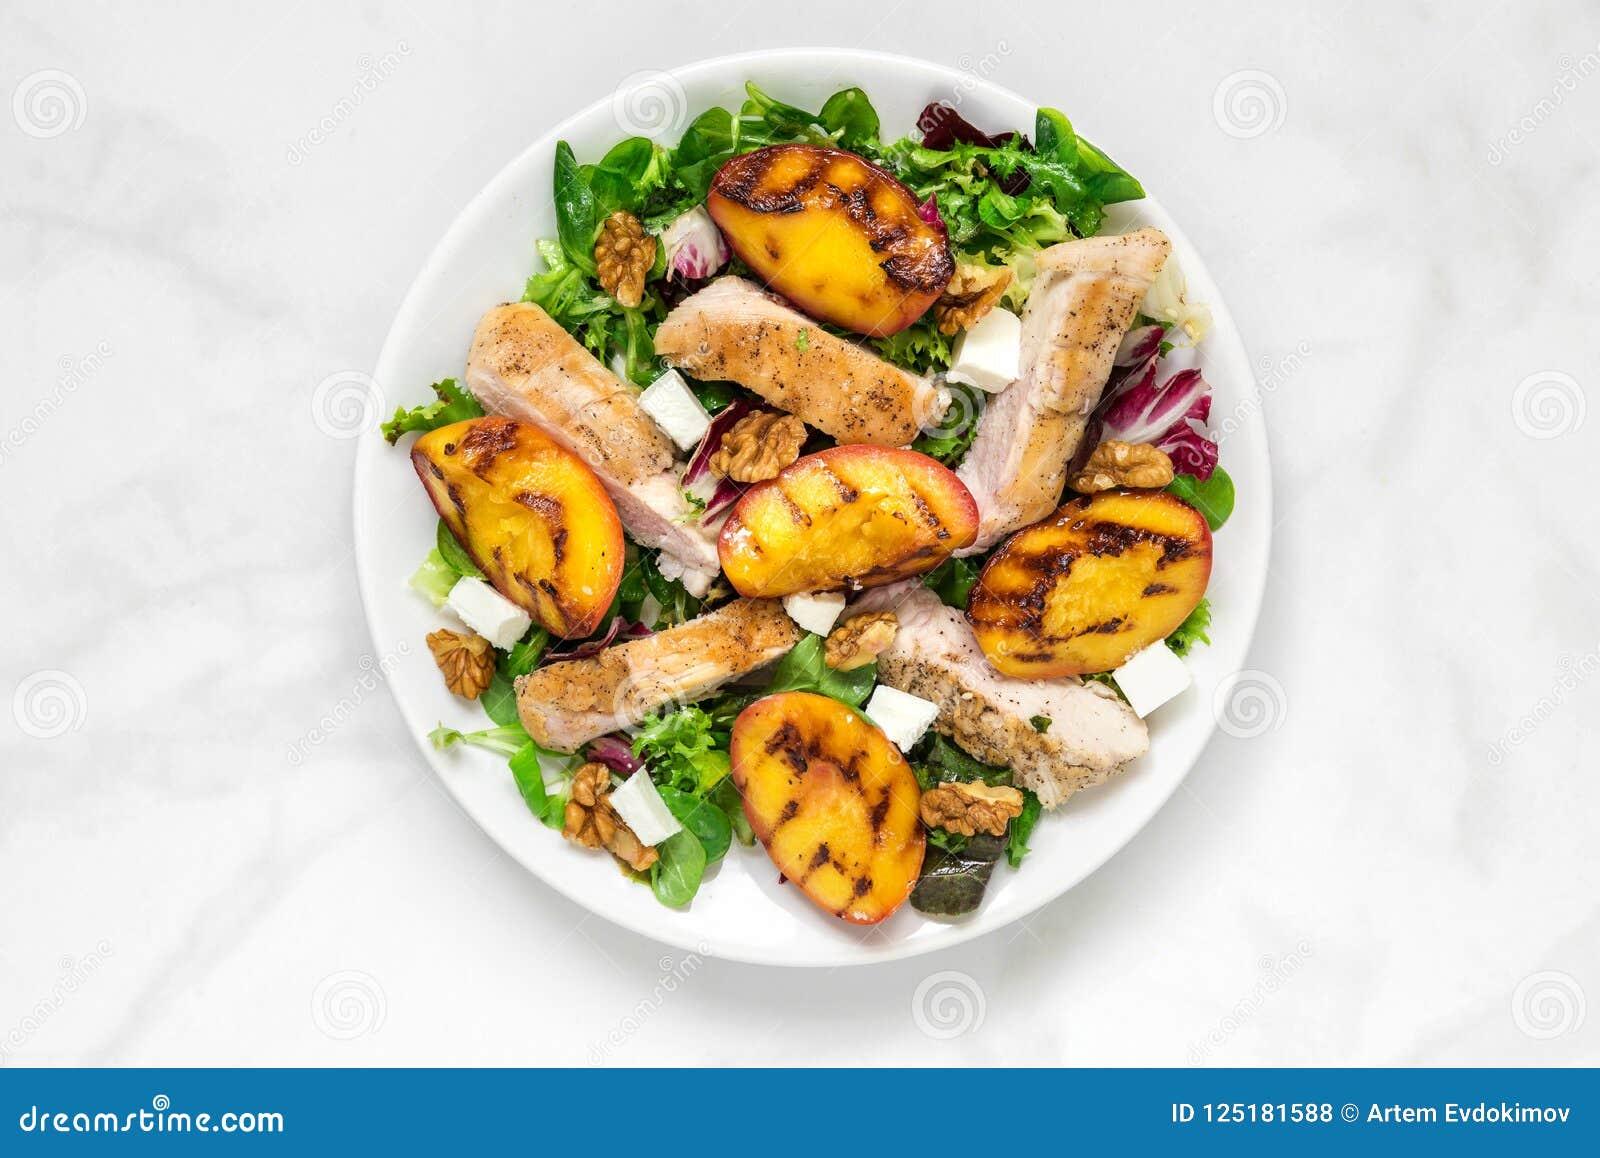 Geflügelsalat mit gegrilltem Pfirsich, Mischsalat, Feta und Walnüsse in einer Platte Gesunde Nahrung